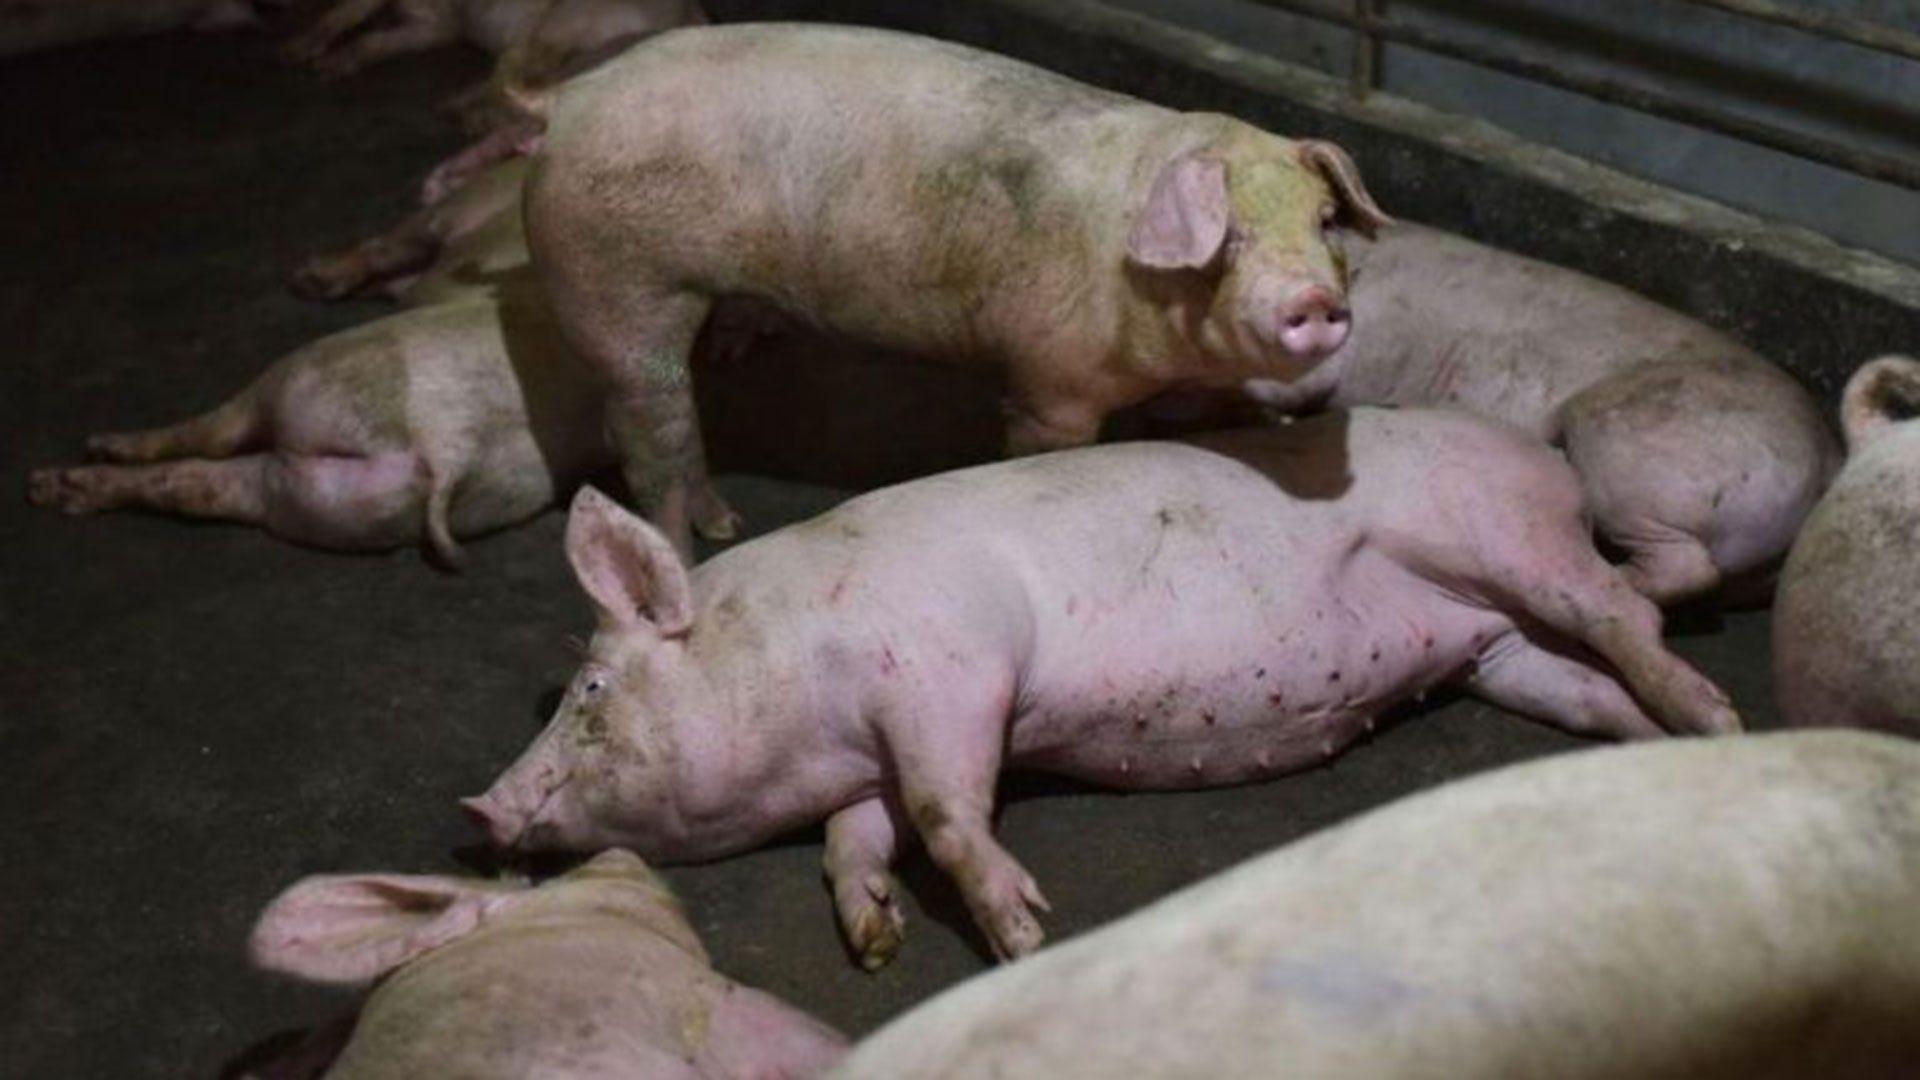 Se estima que la peste porcina africana podría obligar a sacrificar entre 150 y 200 millones de cerdos en el mundo (AFP)